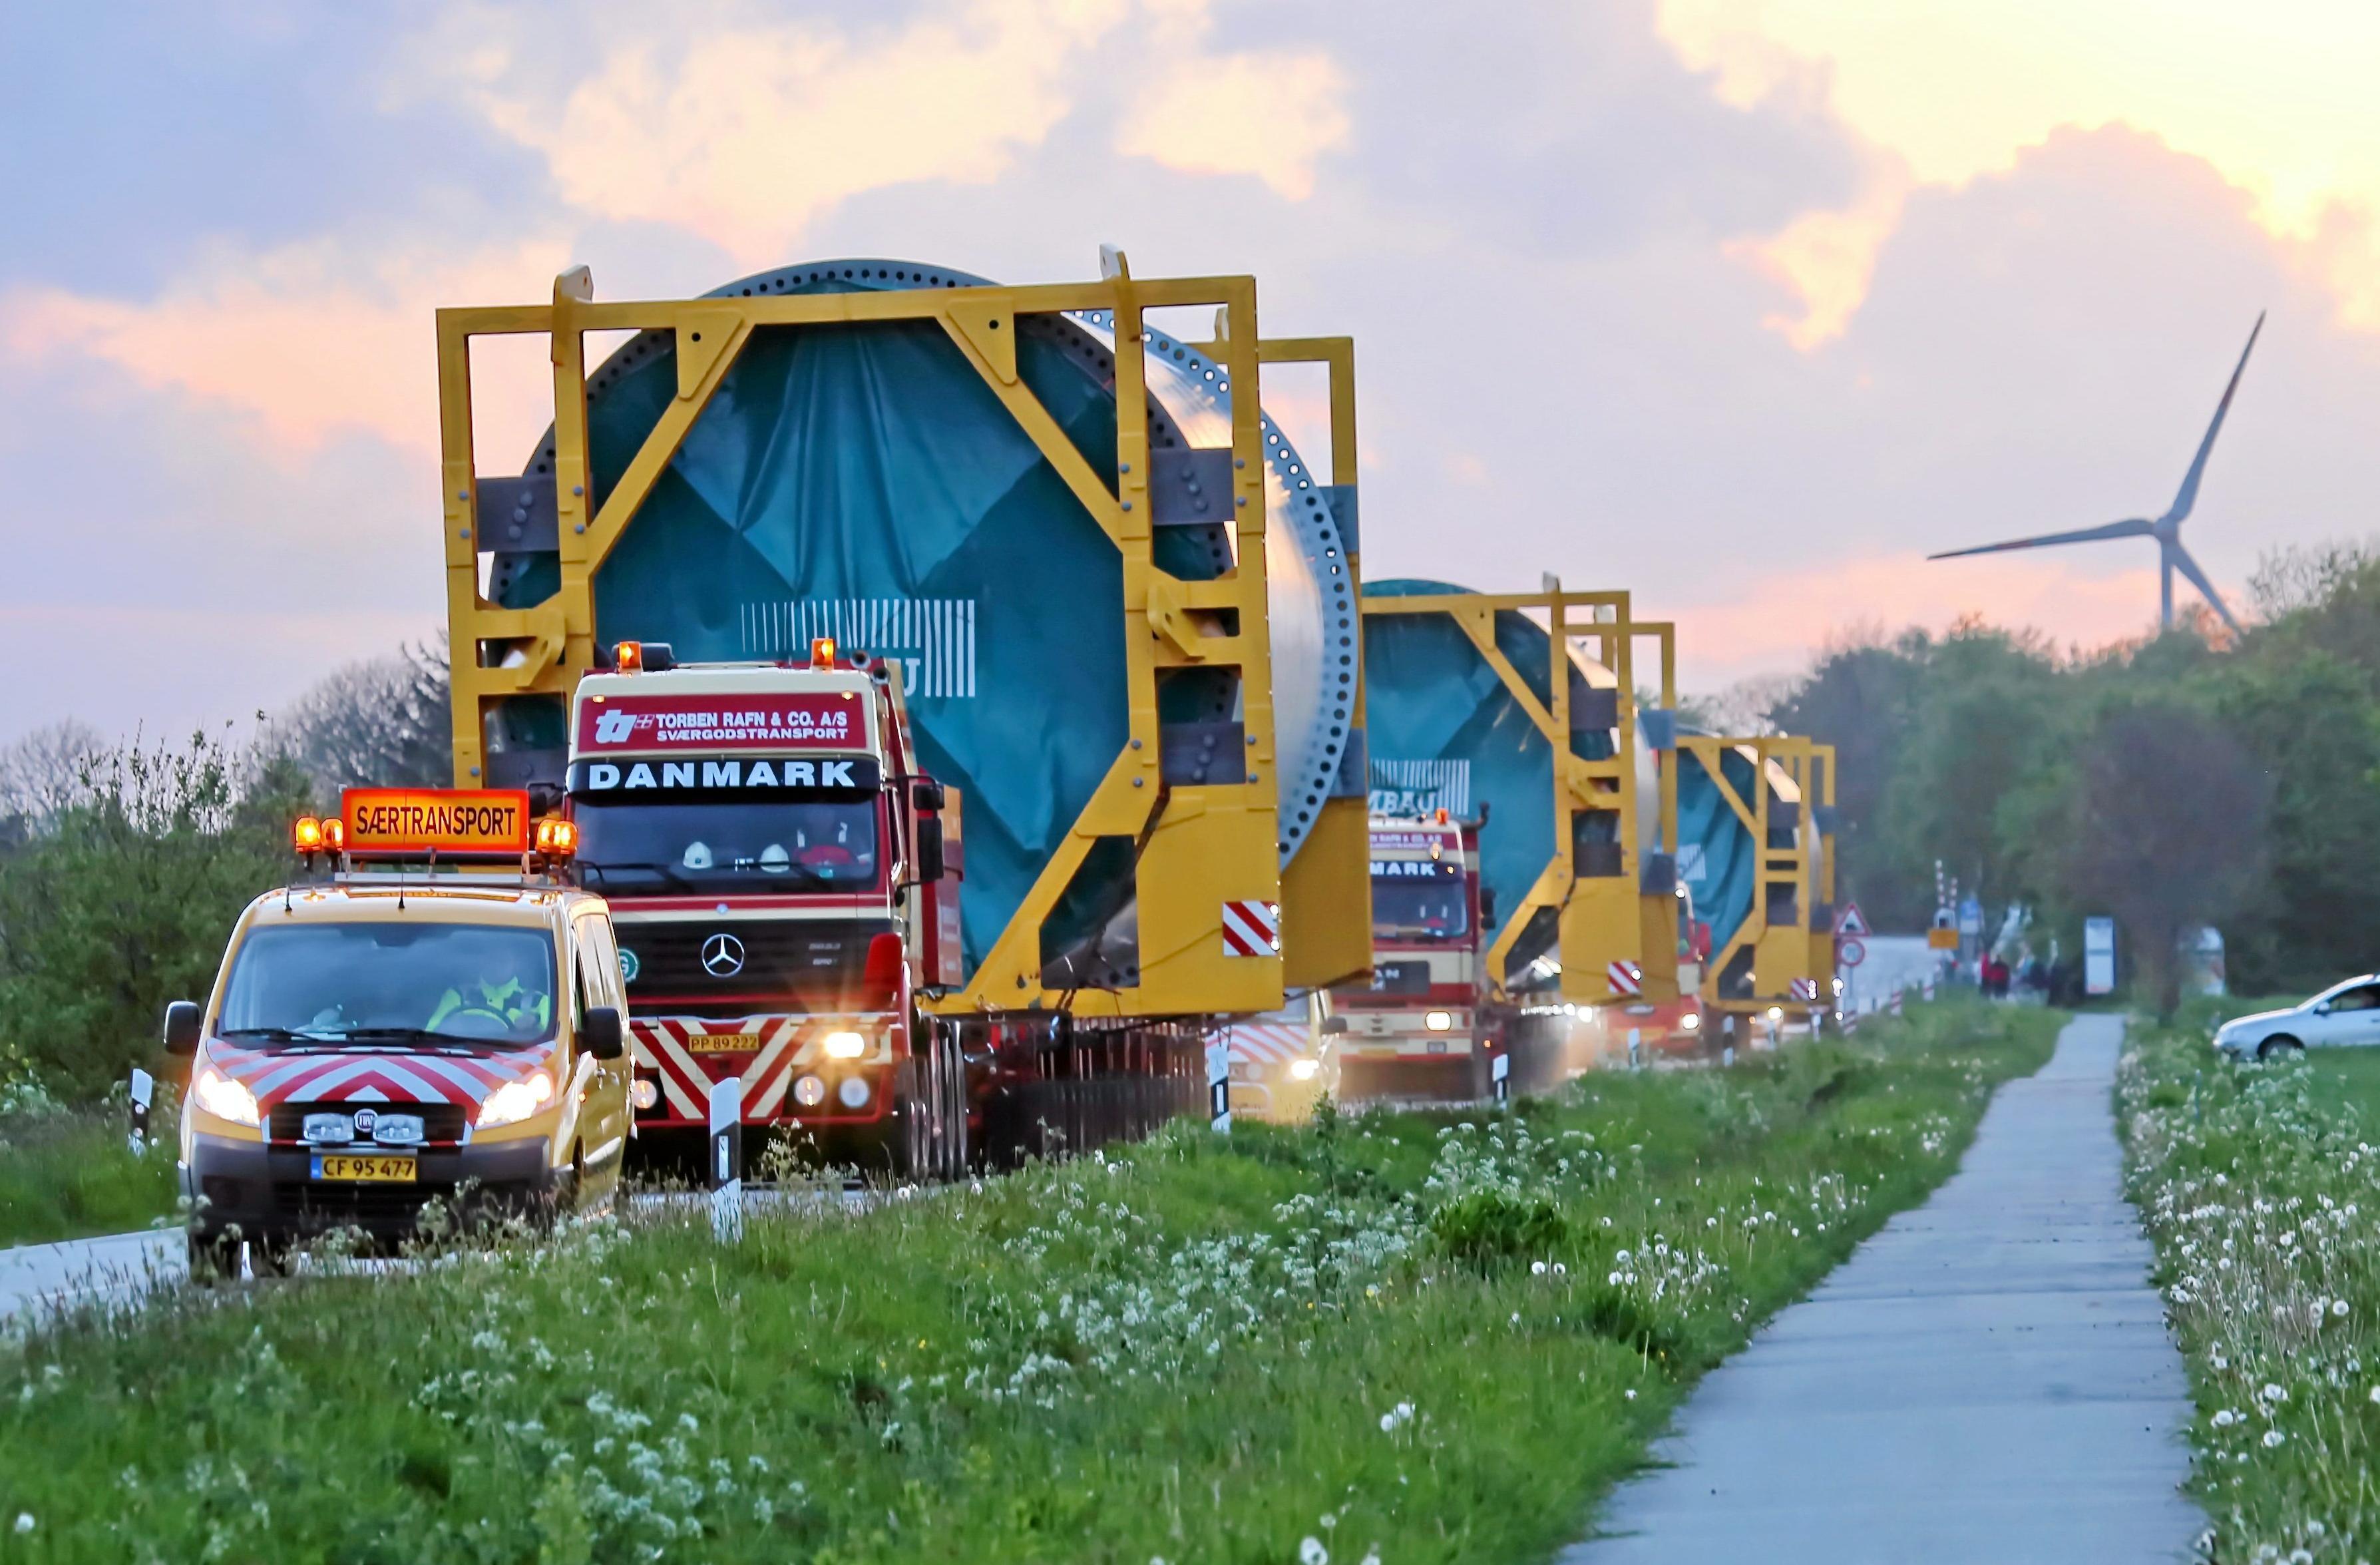 Torben Rafn konkurs - og til salg - Transportmagasinet